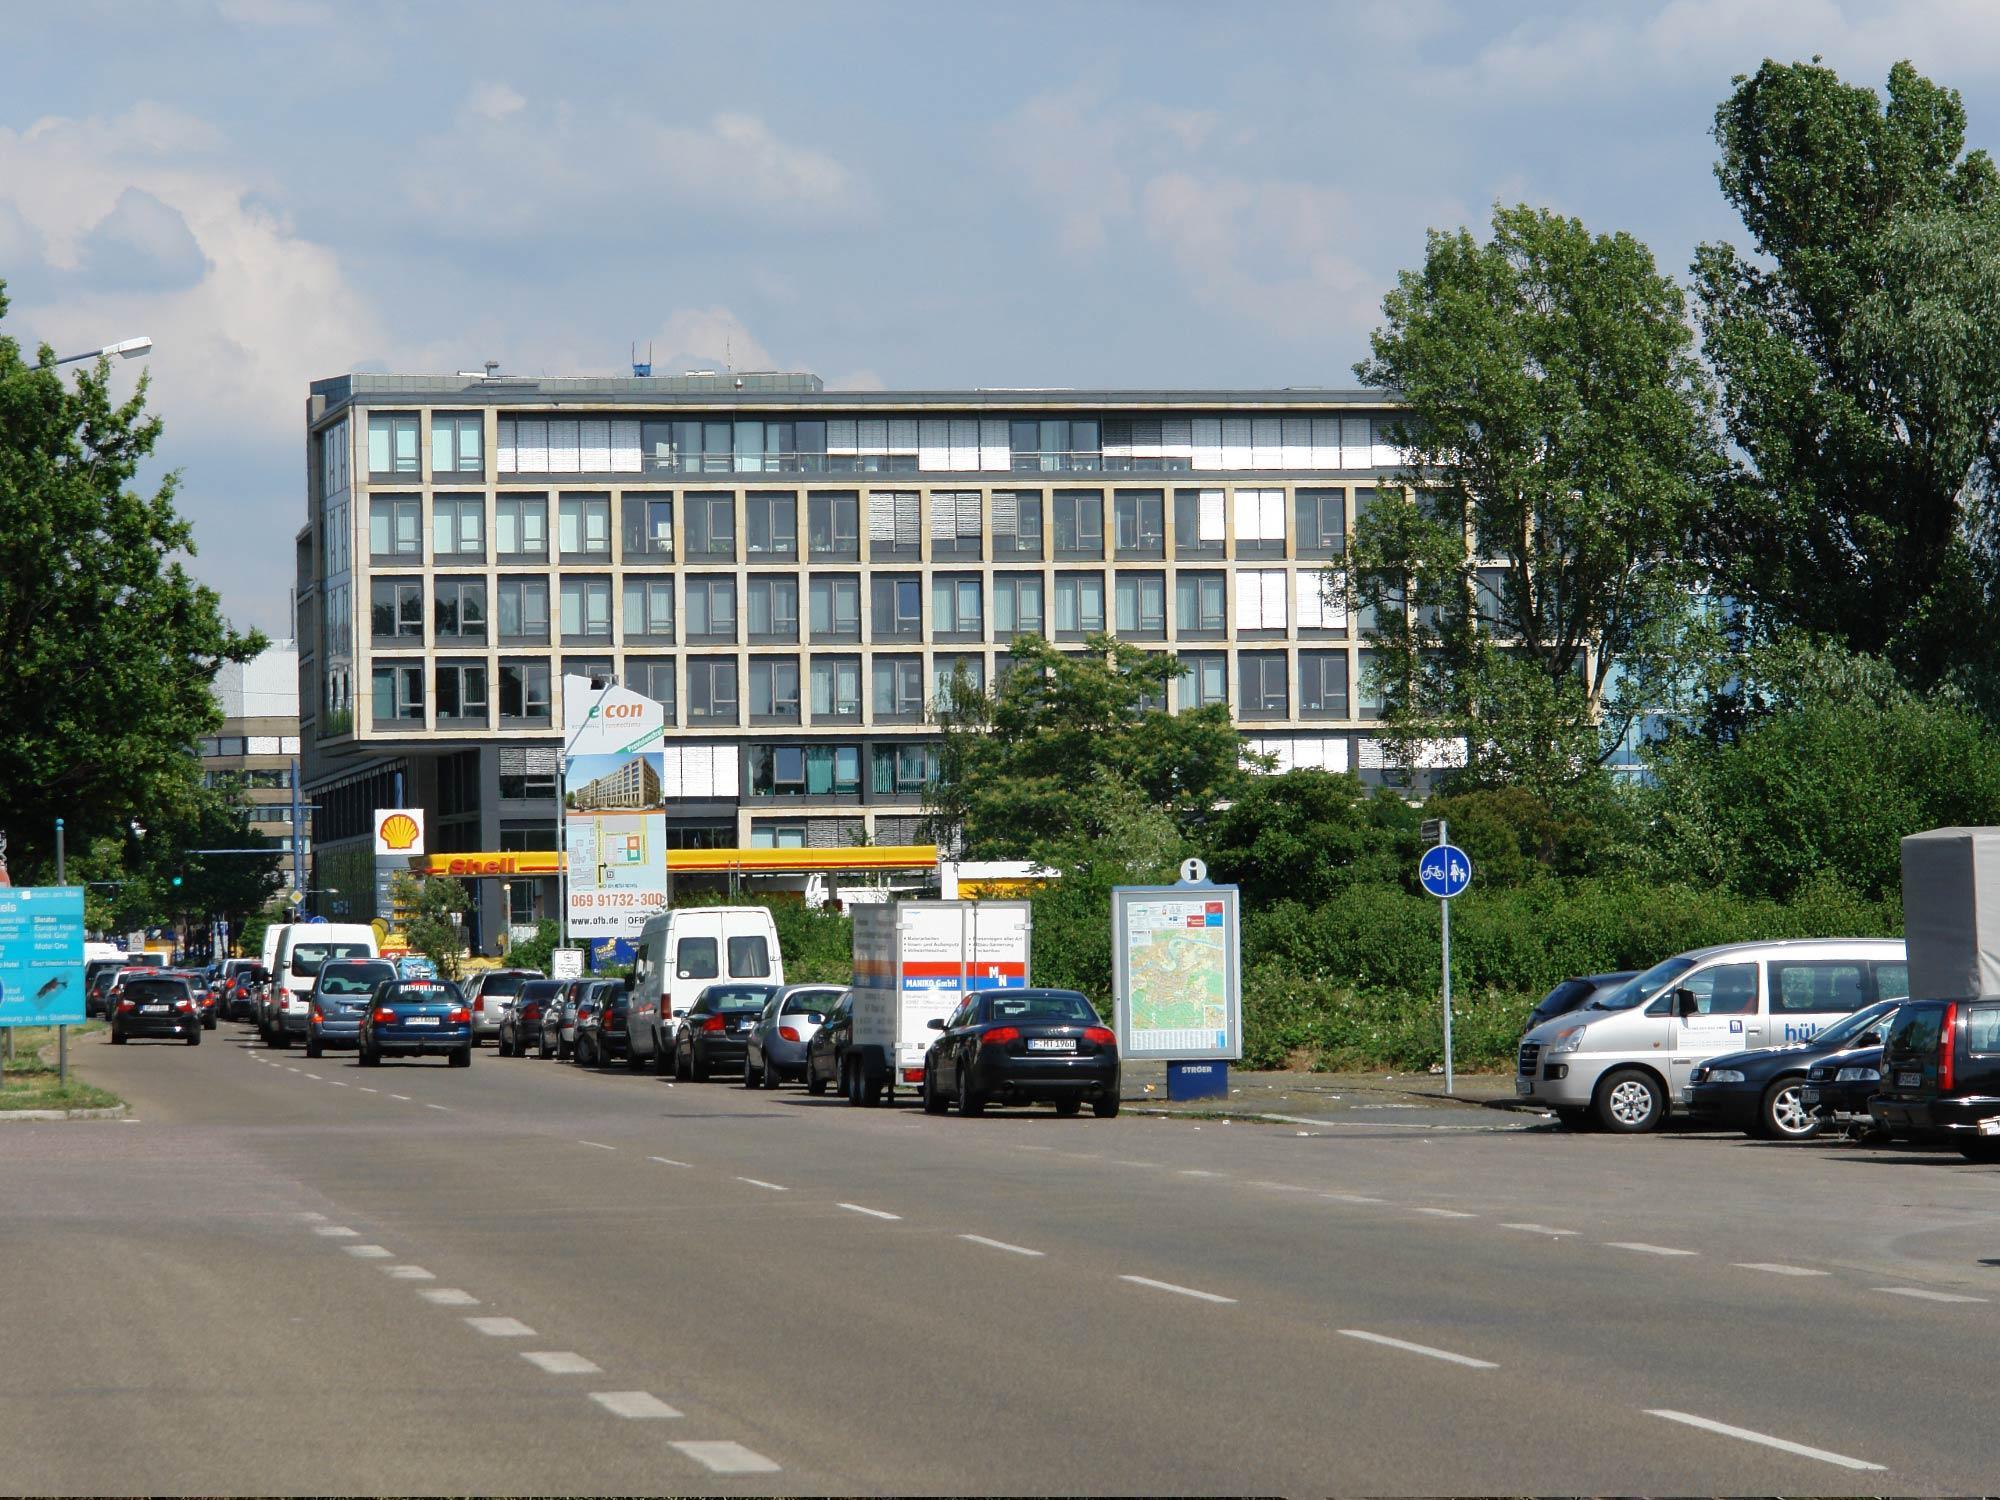 AlphaHaus Offenbach Kaiserlei - Hier die Strahlenberger Straße aus Richtung Frankfurt kommend